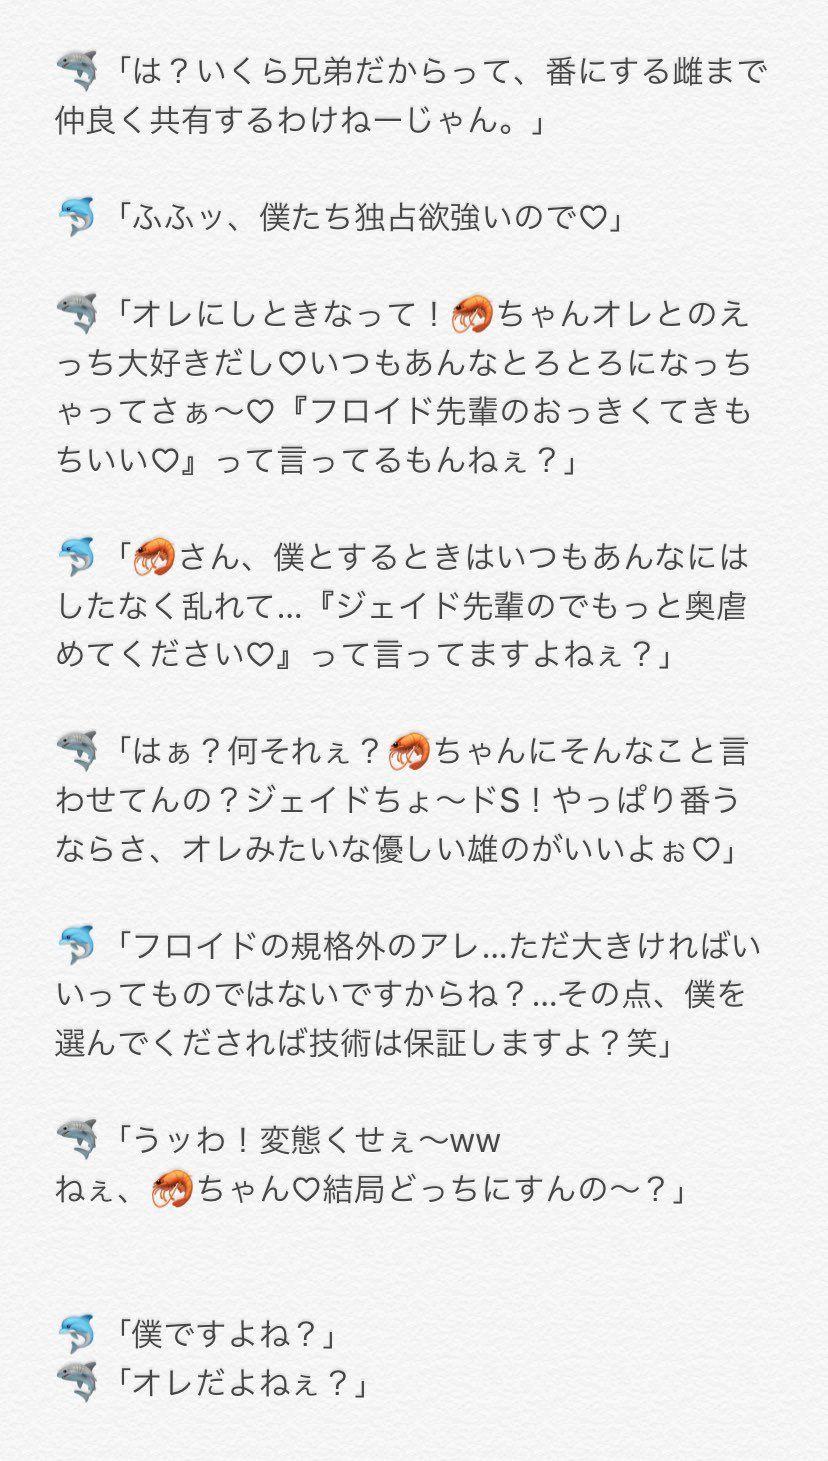 ツイステ 夢小説 フロイド